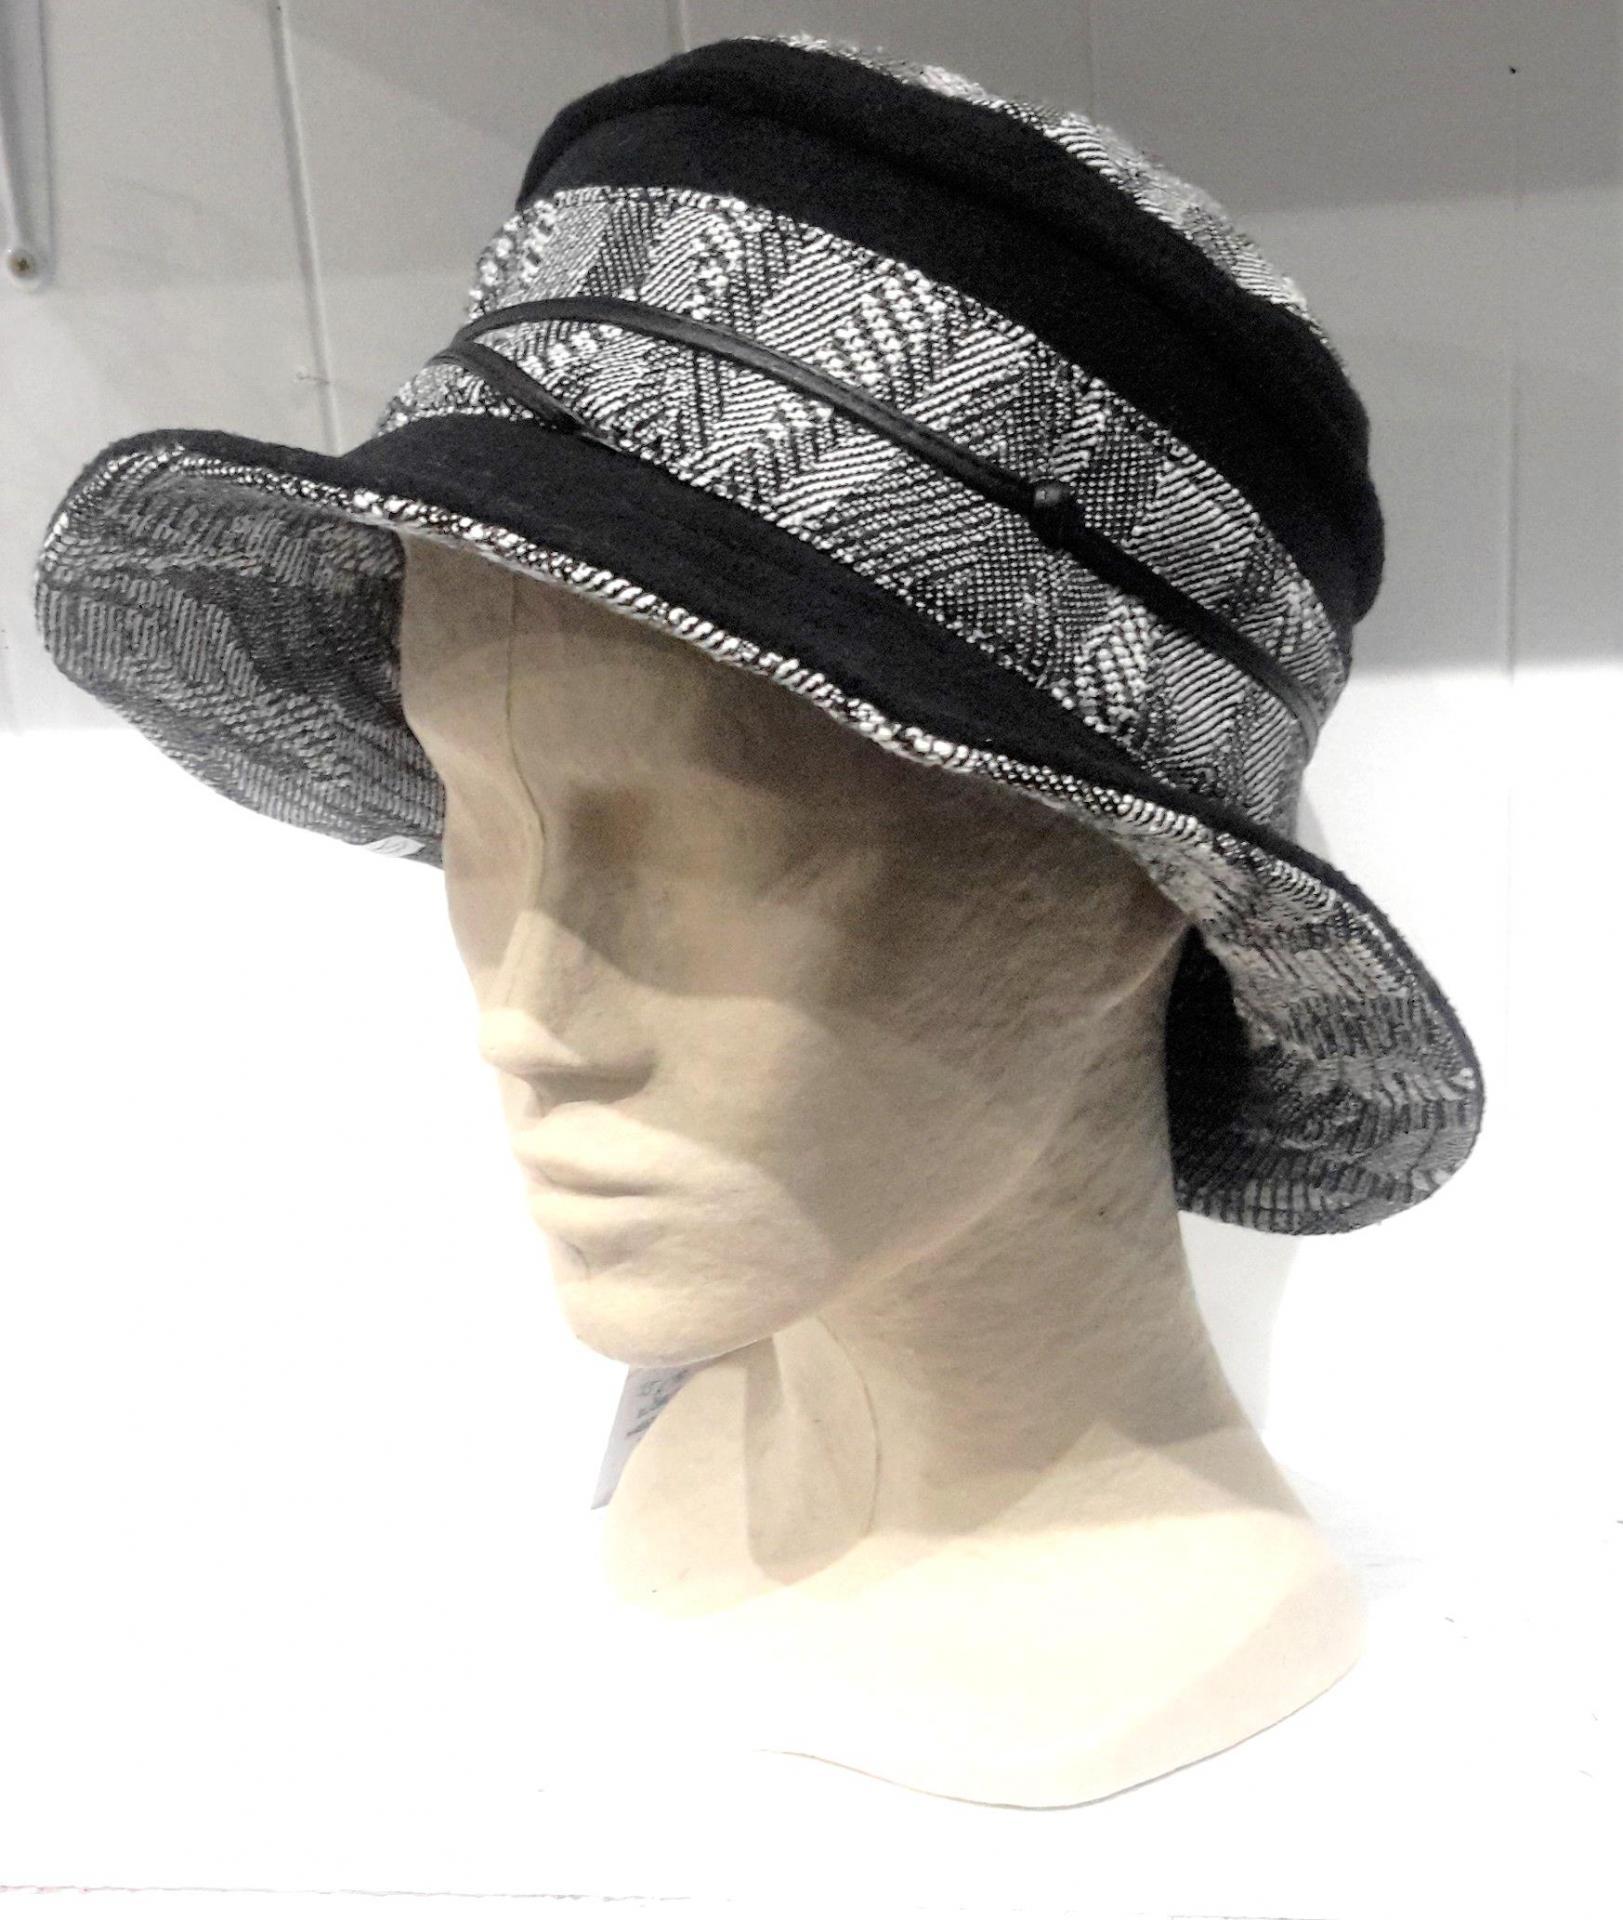 Chapeau mtm gris et noir